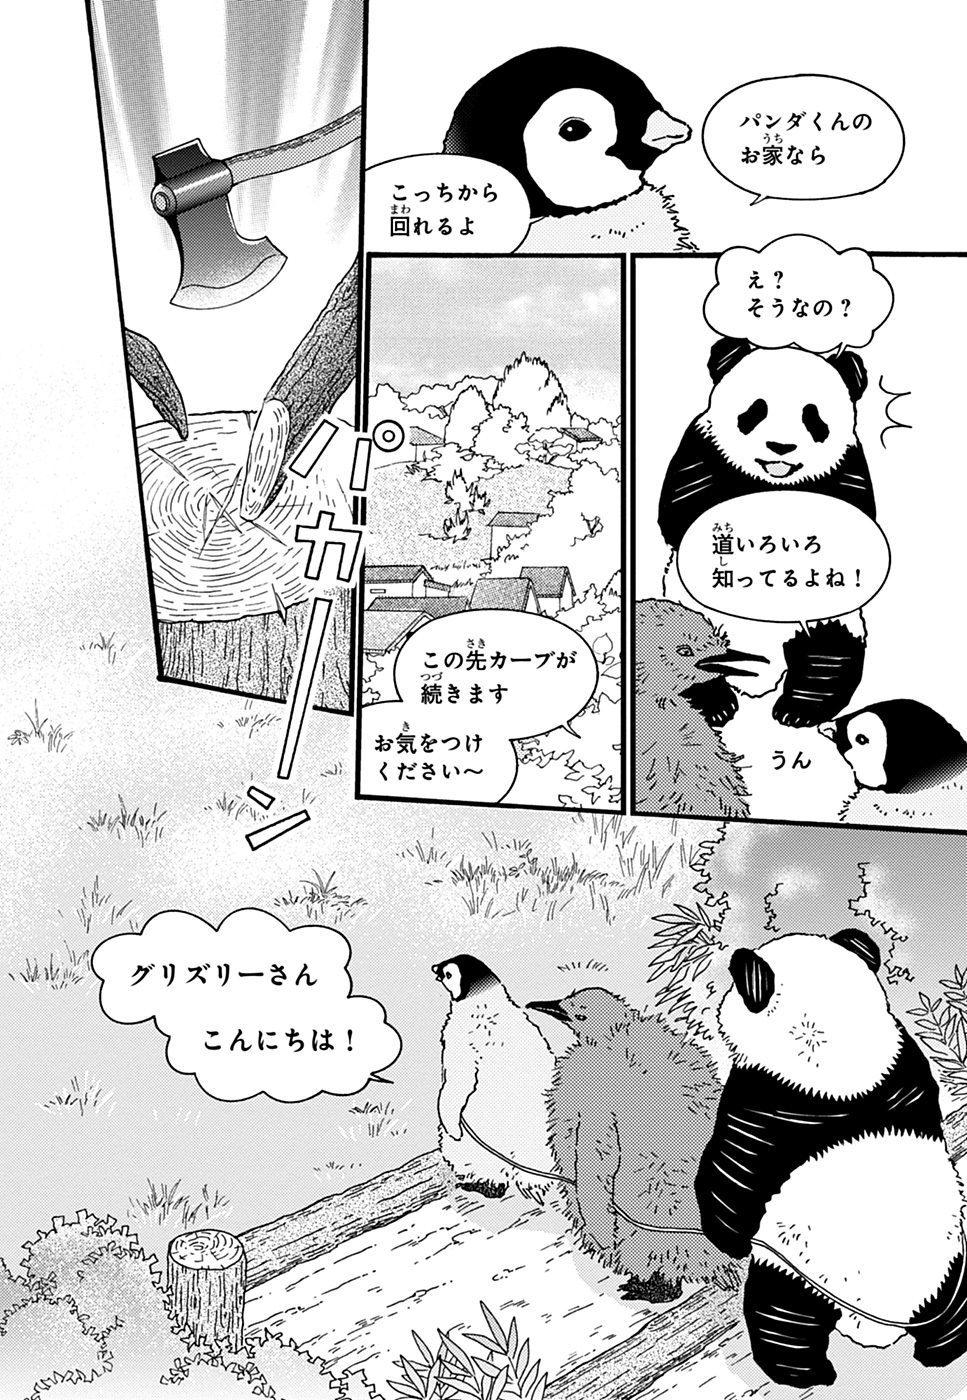 しろくまカフェ today's special 漫画試し読み10